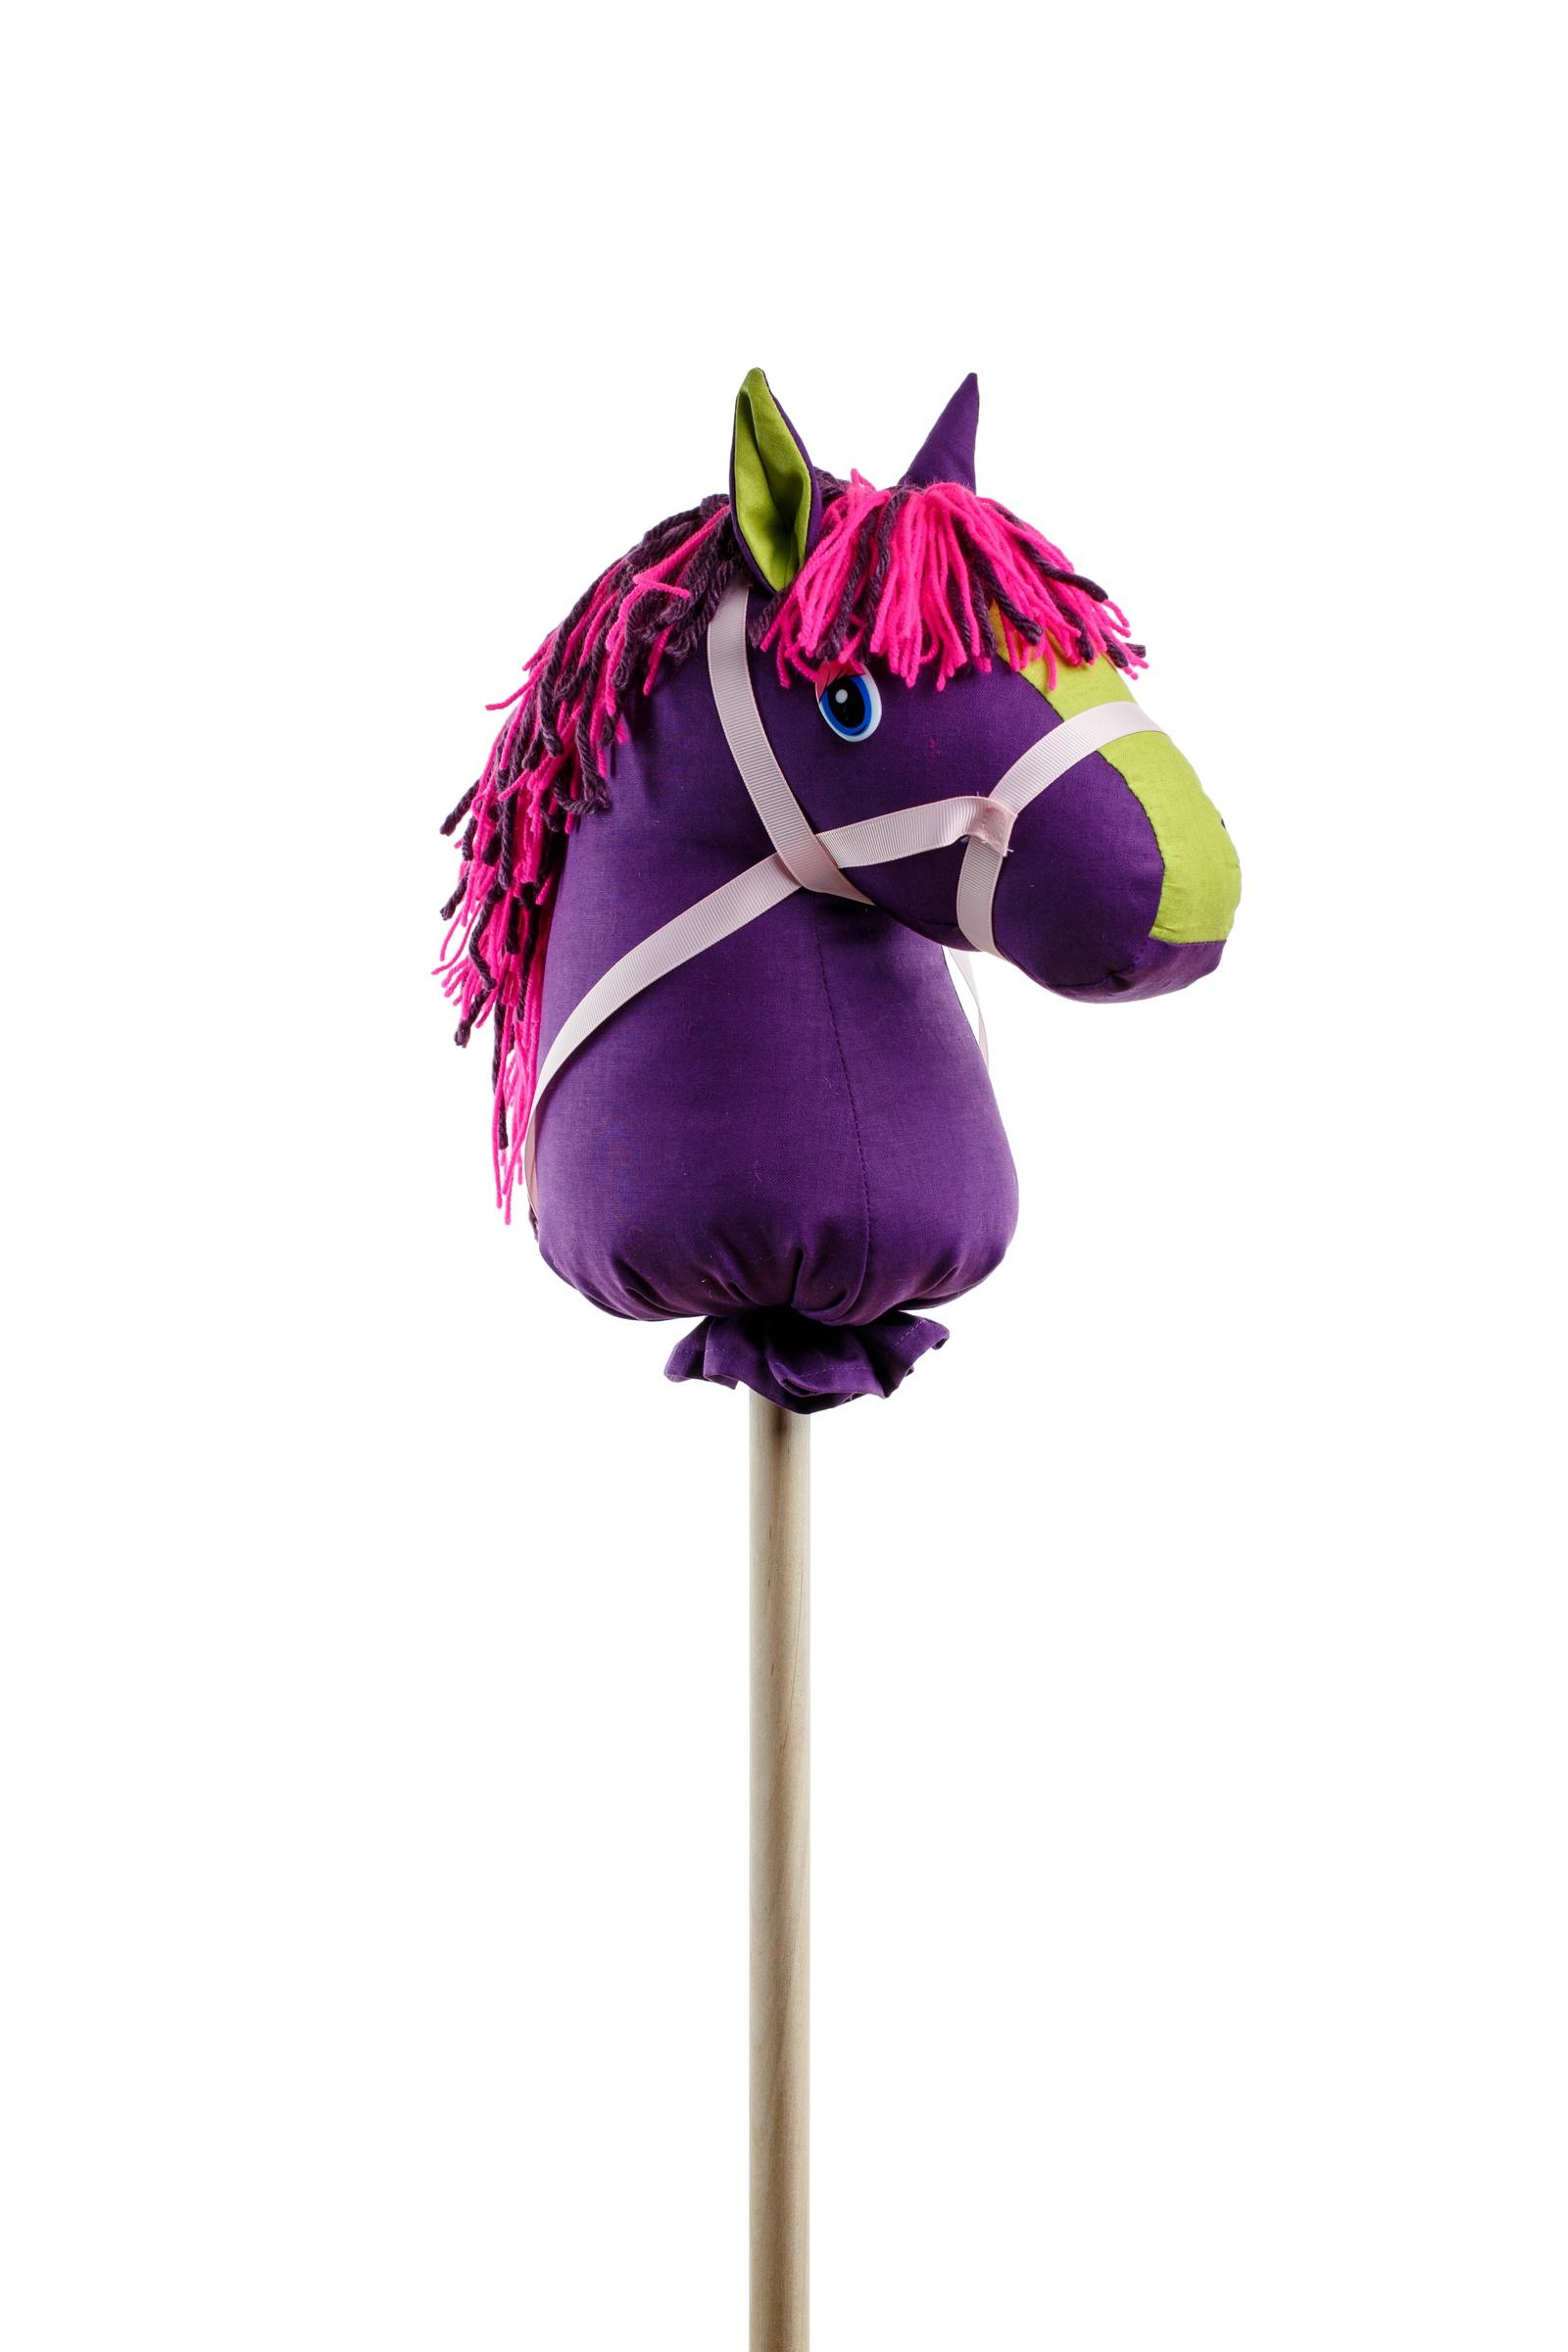 Фото - Игрушка - Лошадка Слива Коняша КМ020 ролевые игры коняша лошадка на палочке фея